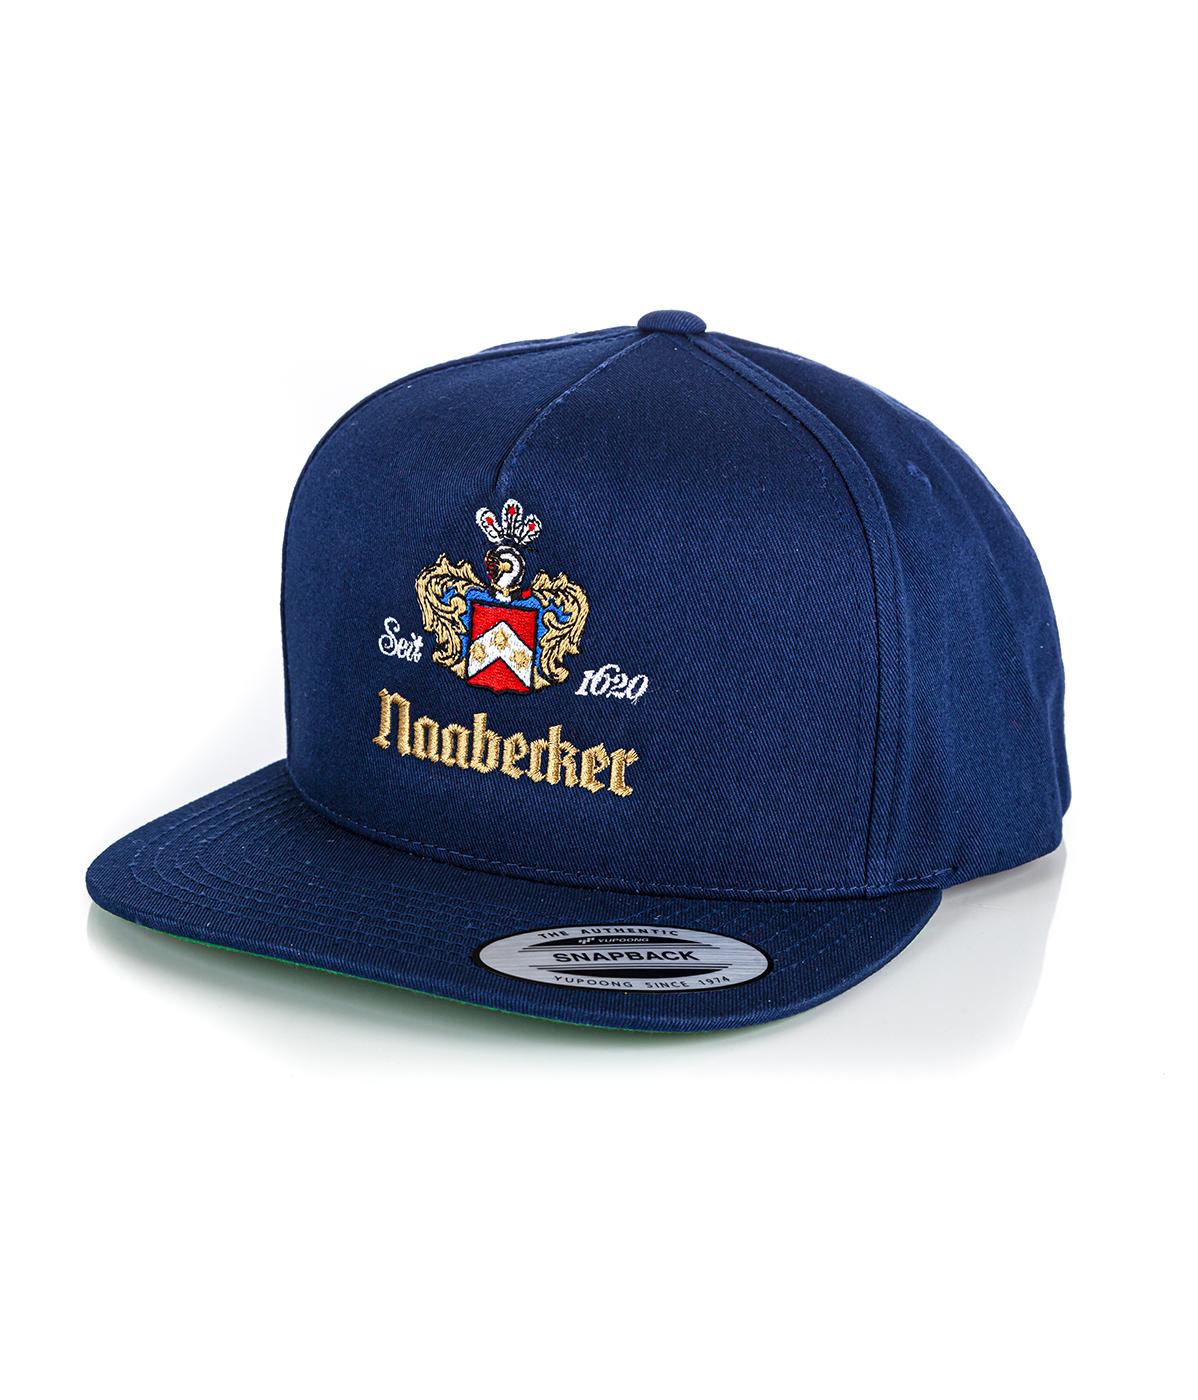 Naabecker Snapback Cap